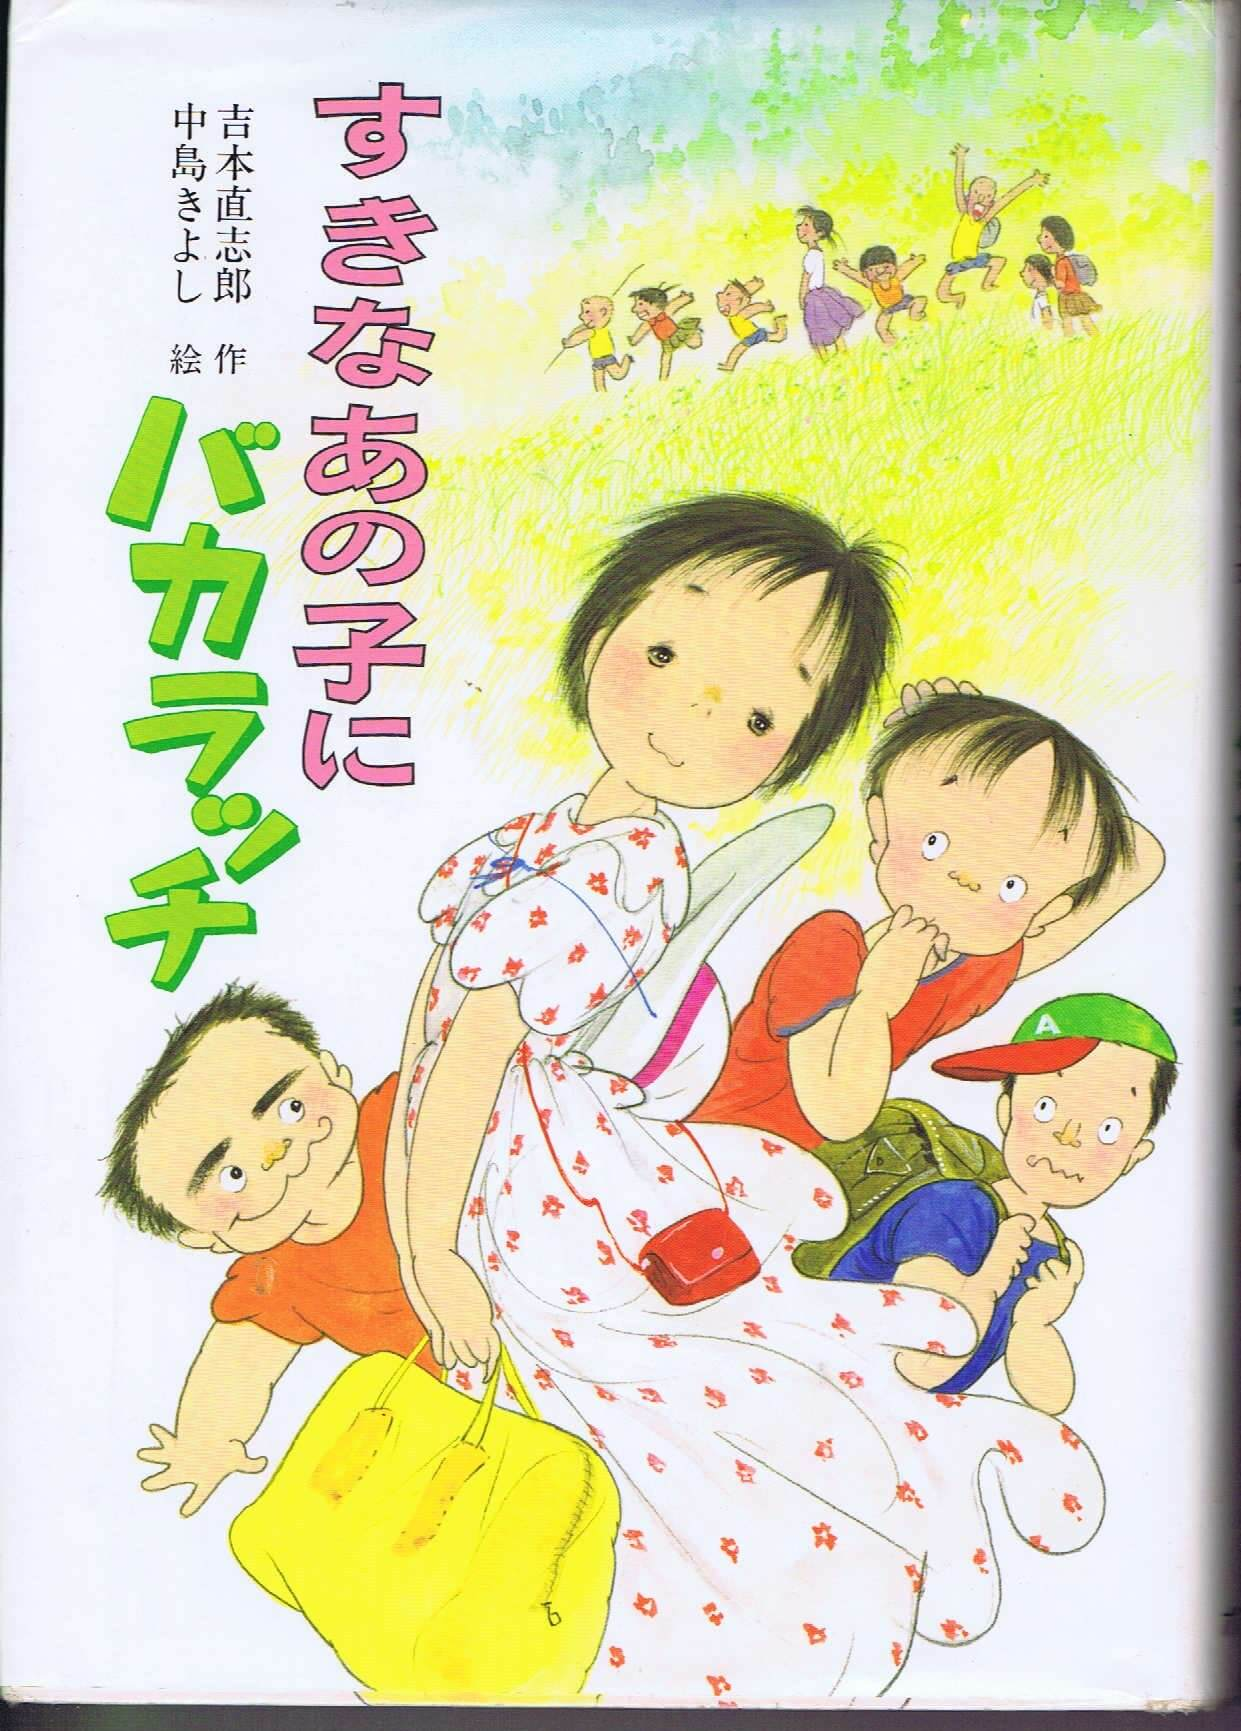 すきなあの子にバカラッチ (こども文学館38)